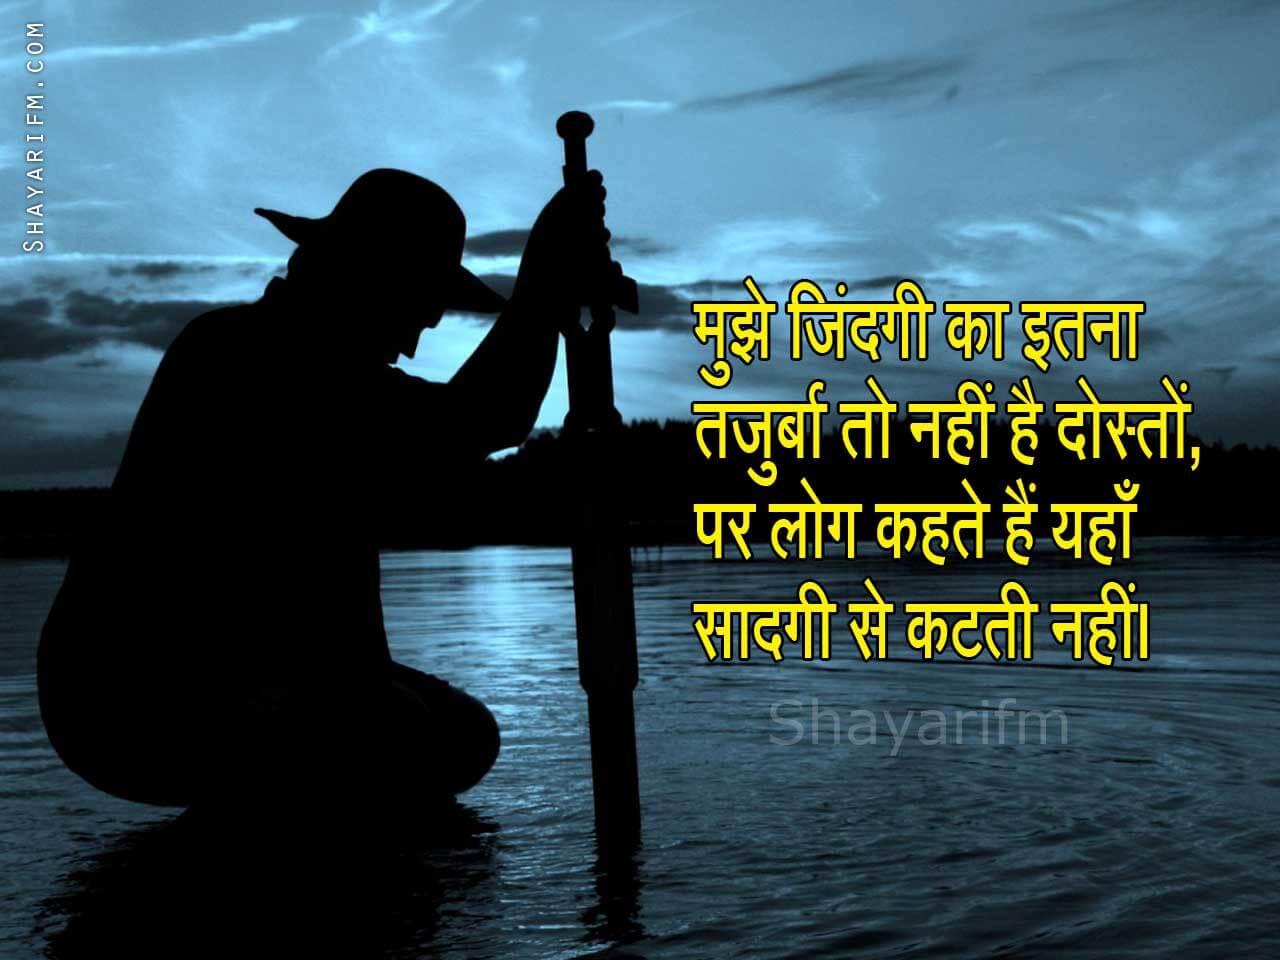 Shayari on Life, Zindagi Ka Tajurba